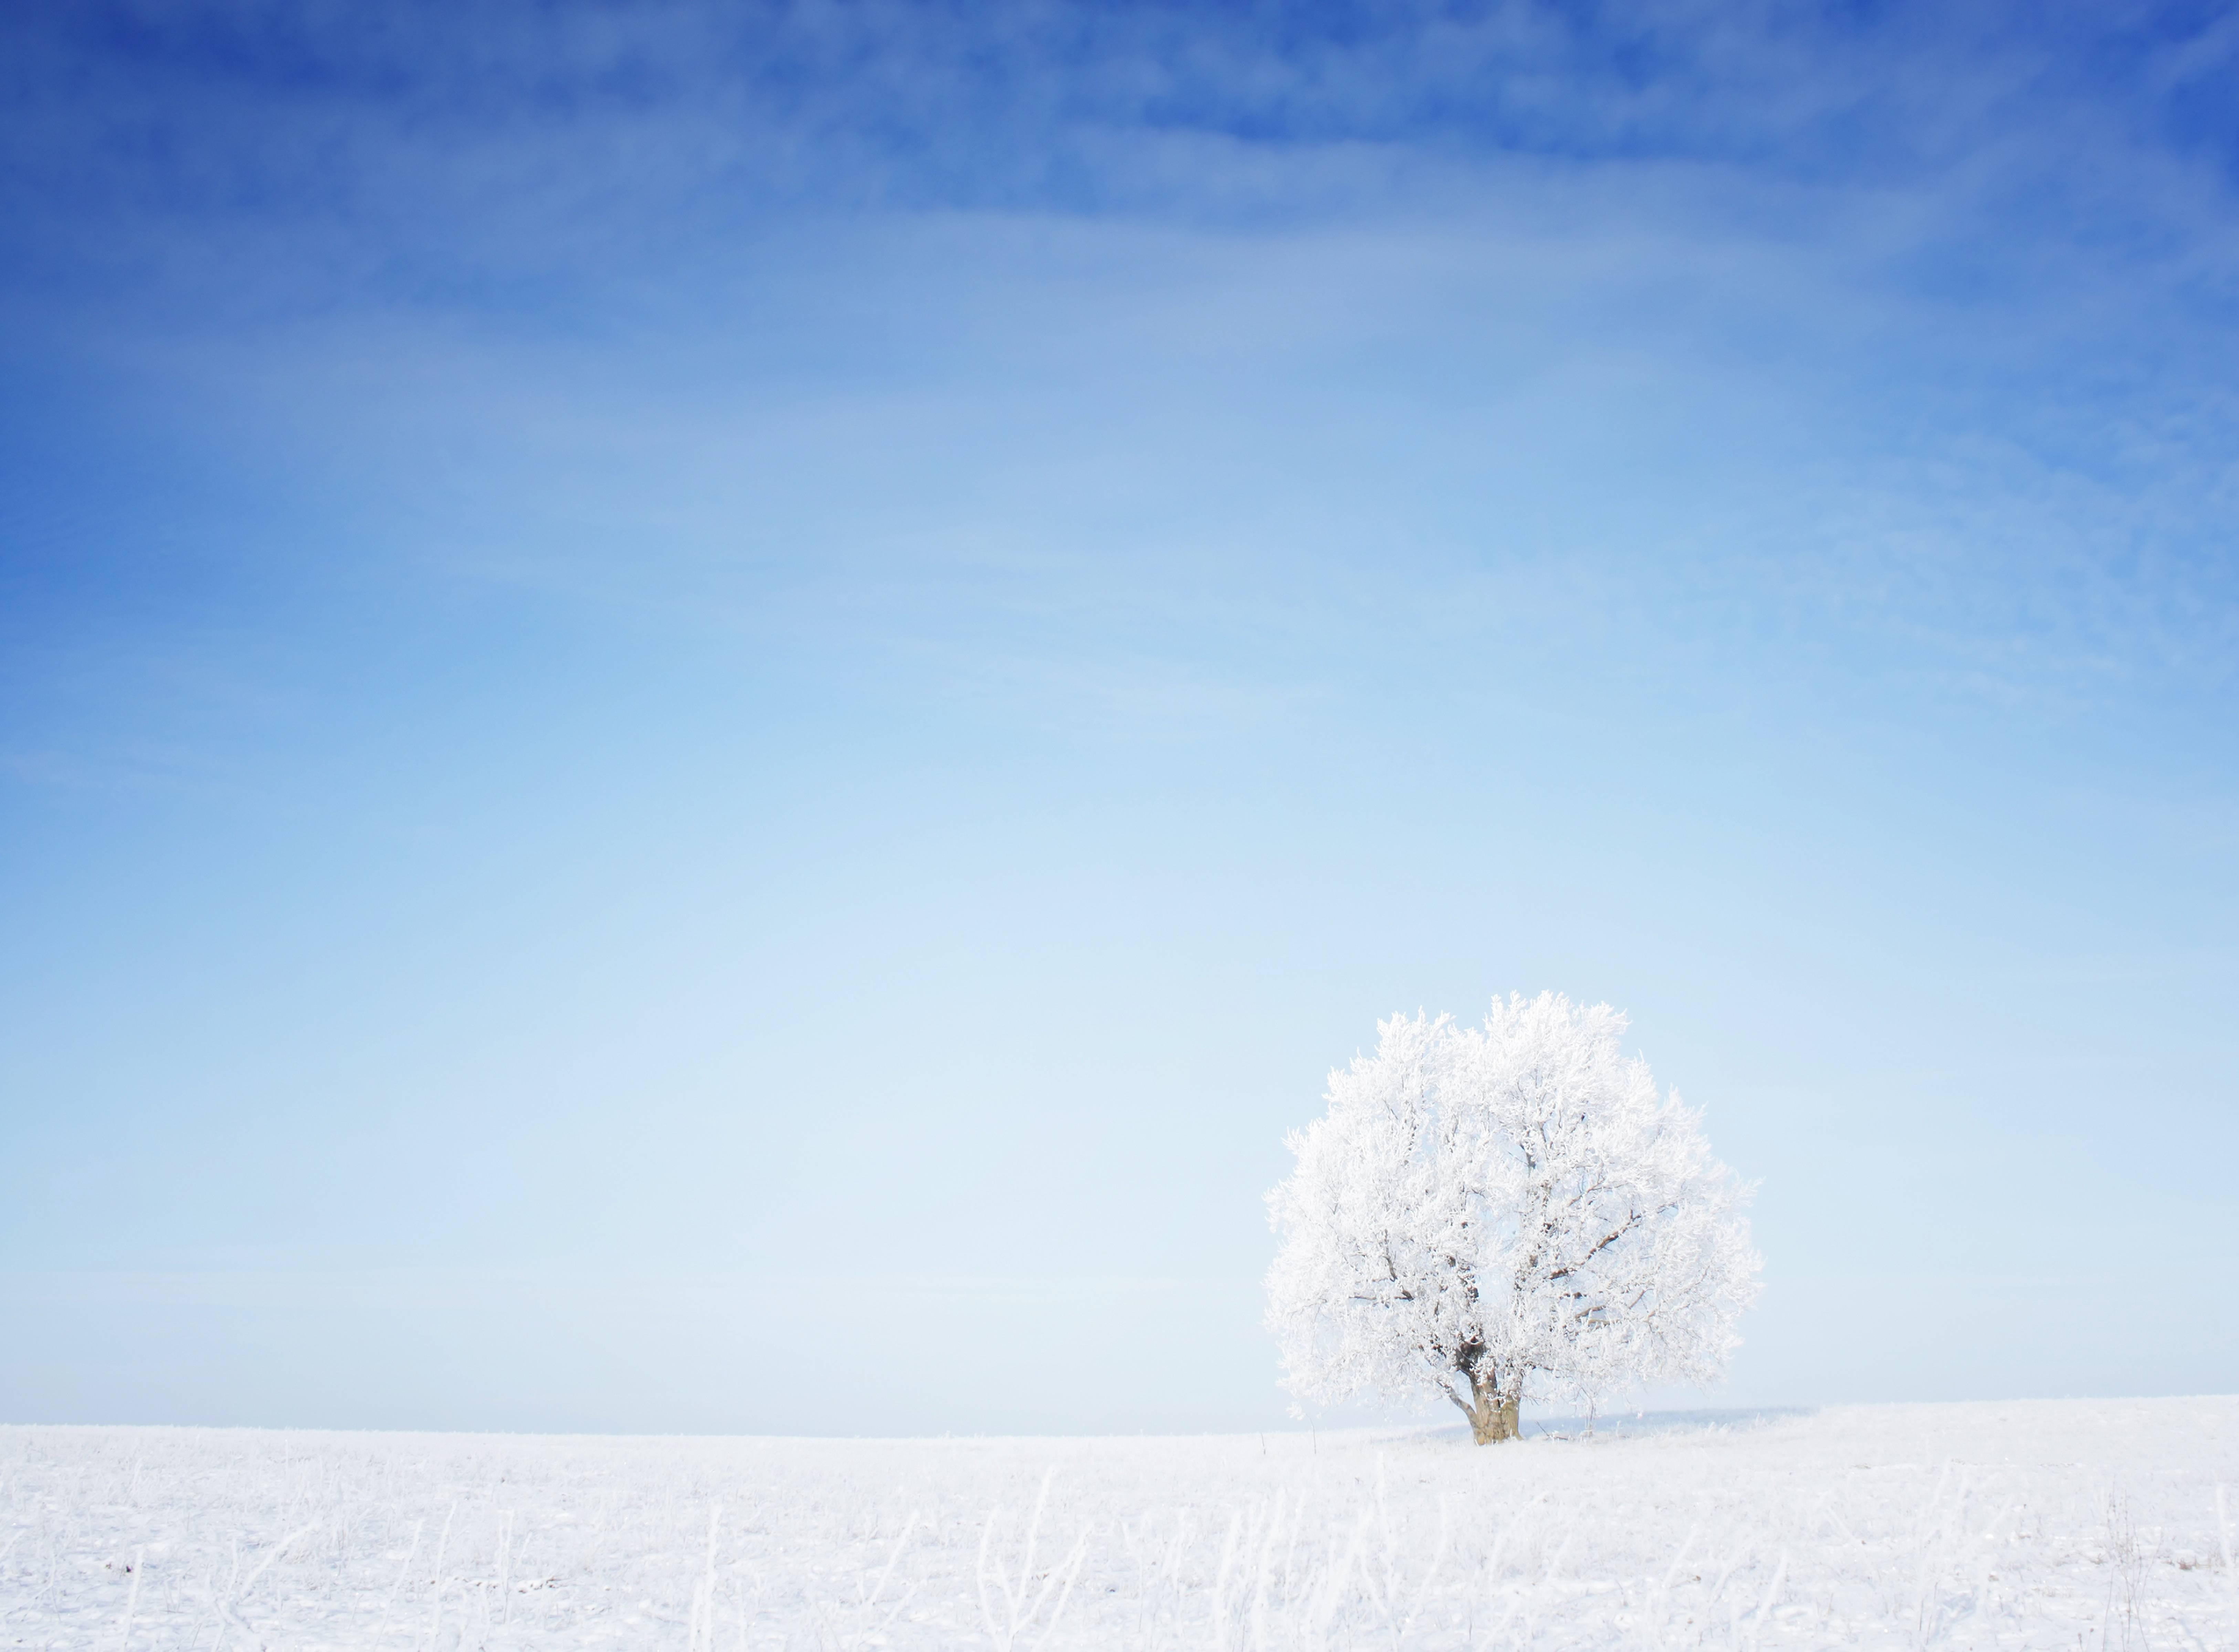 безоблачное небо зимой  № 2469689 бесплатно